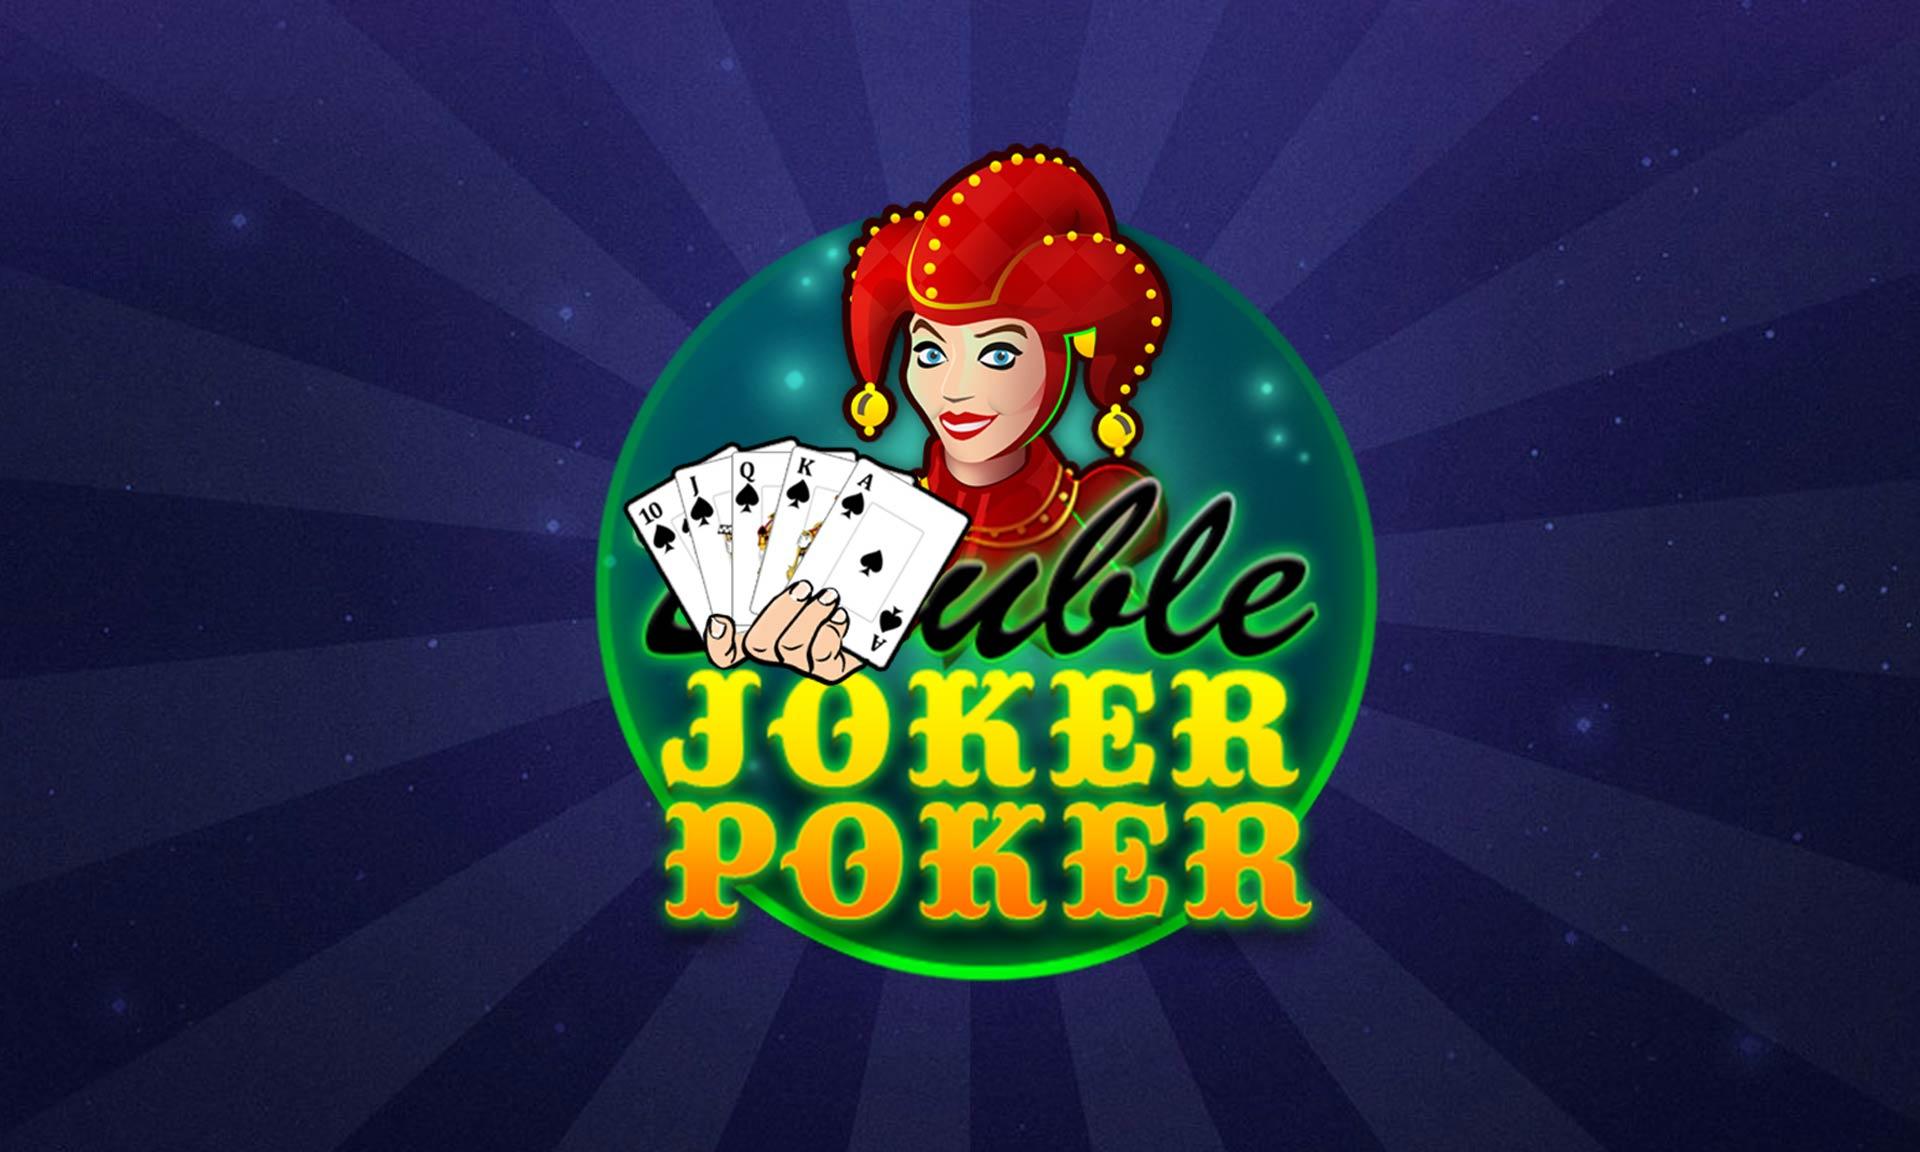 Покер онлайн с джокером казино техасский покер г москва